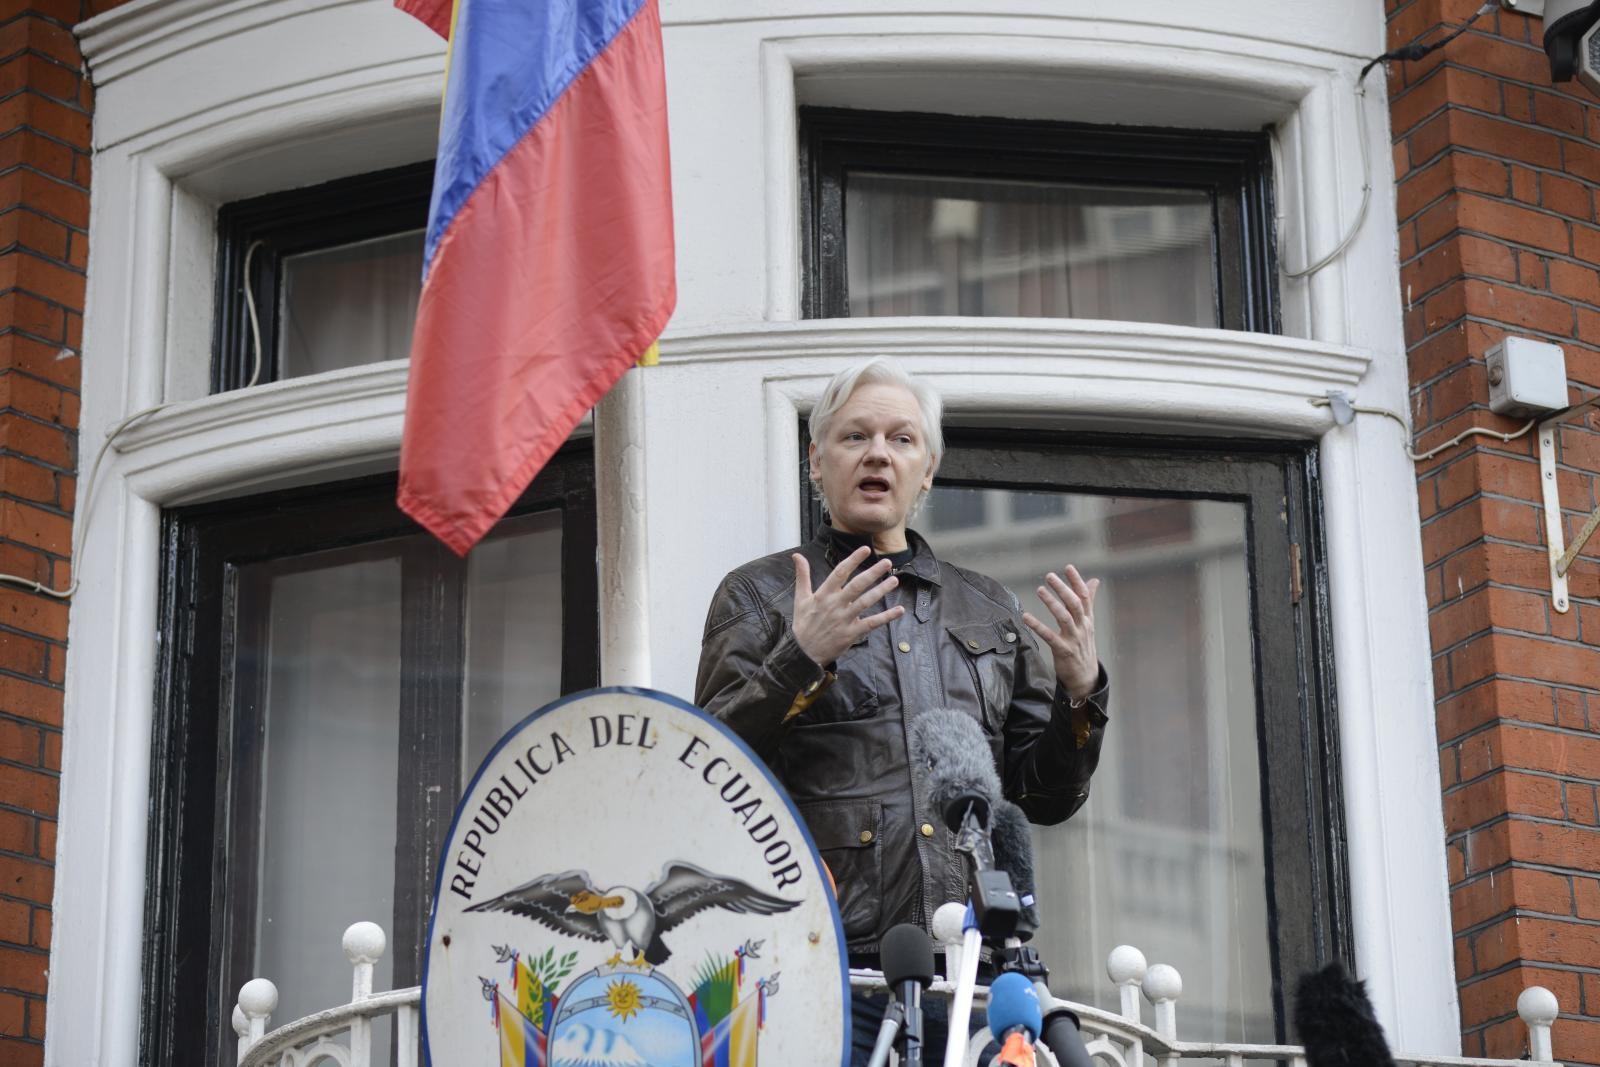 Assange v svojem neprostovoljnem domovanju v Londonu